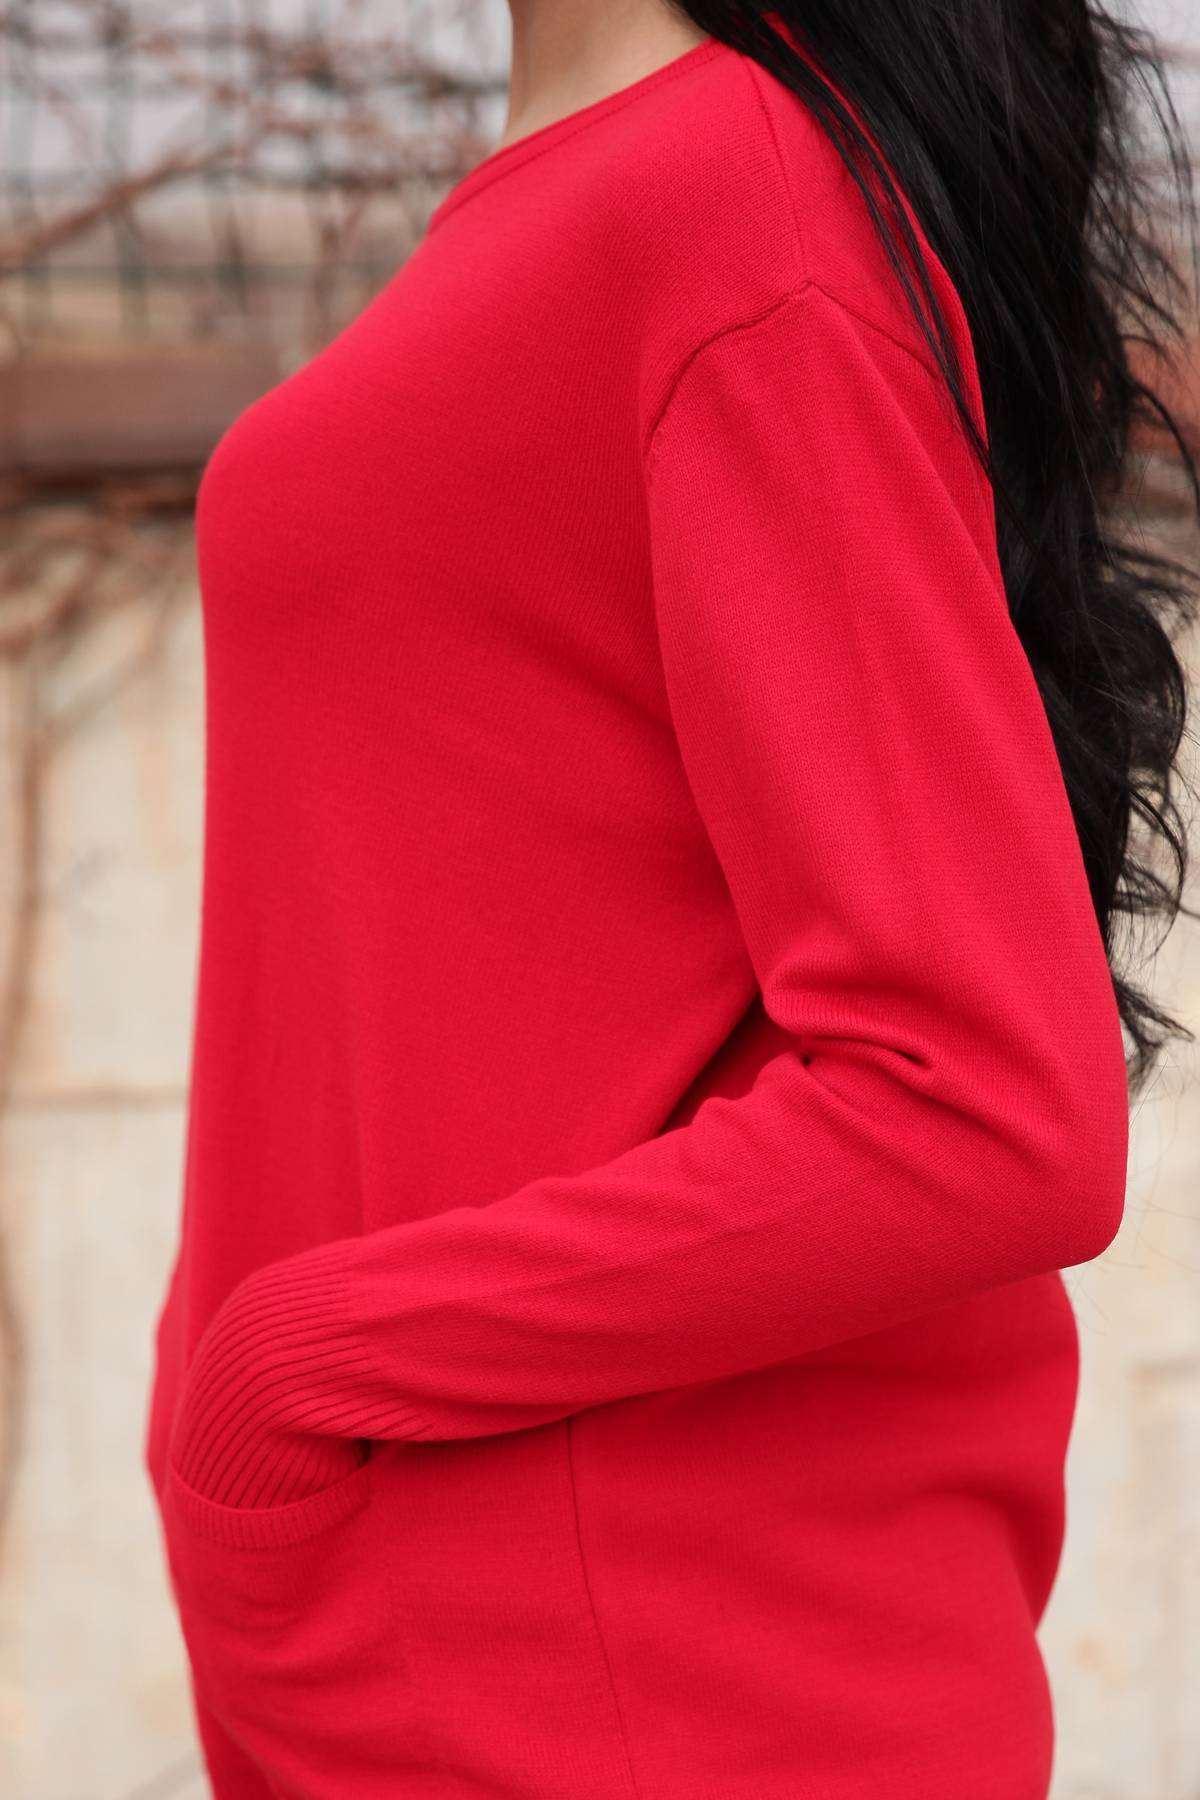 Önü Kısa Arkası Uzun Cep Detaylı Sıfır Yaka Tunik Kırmızı